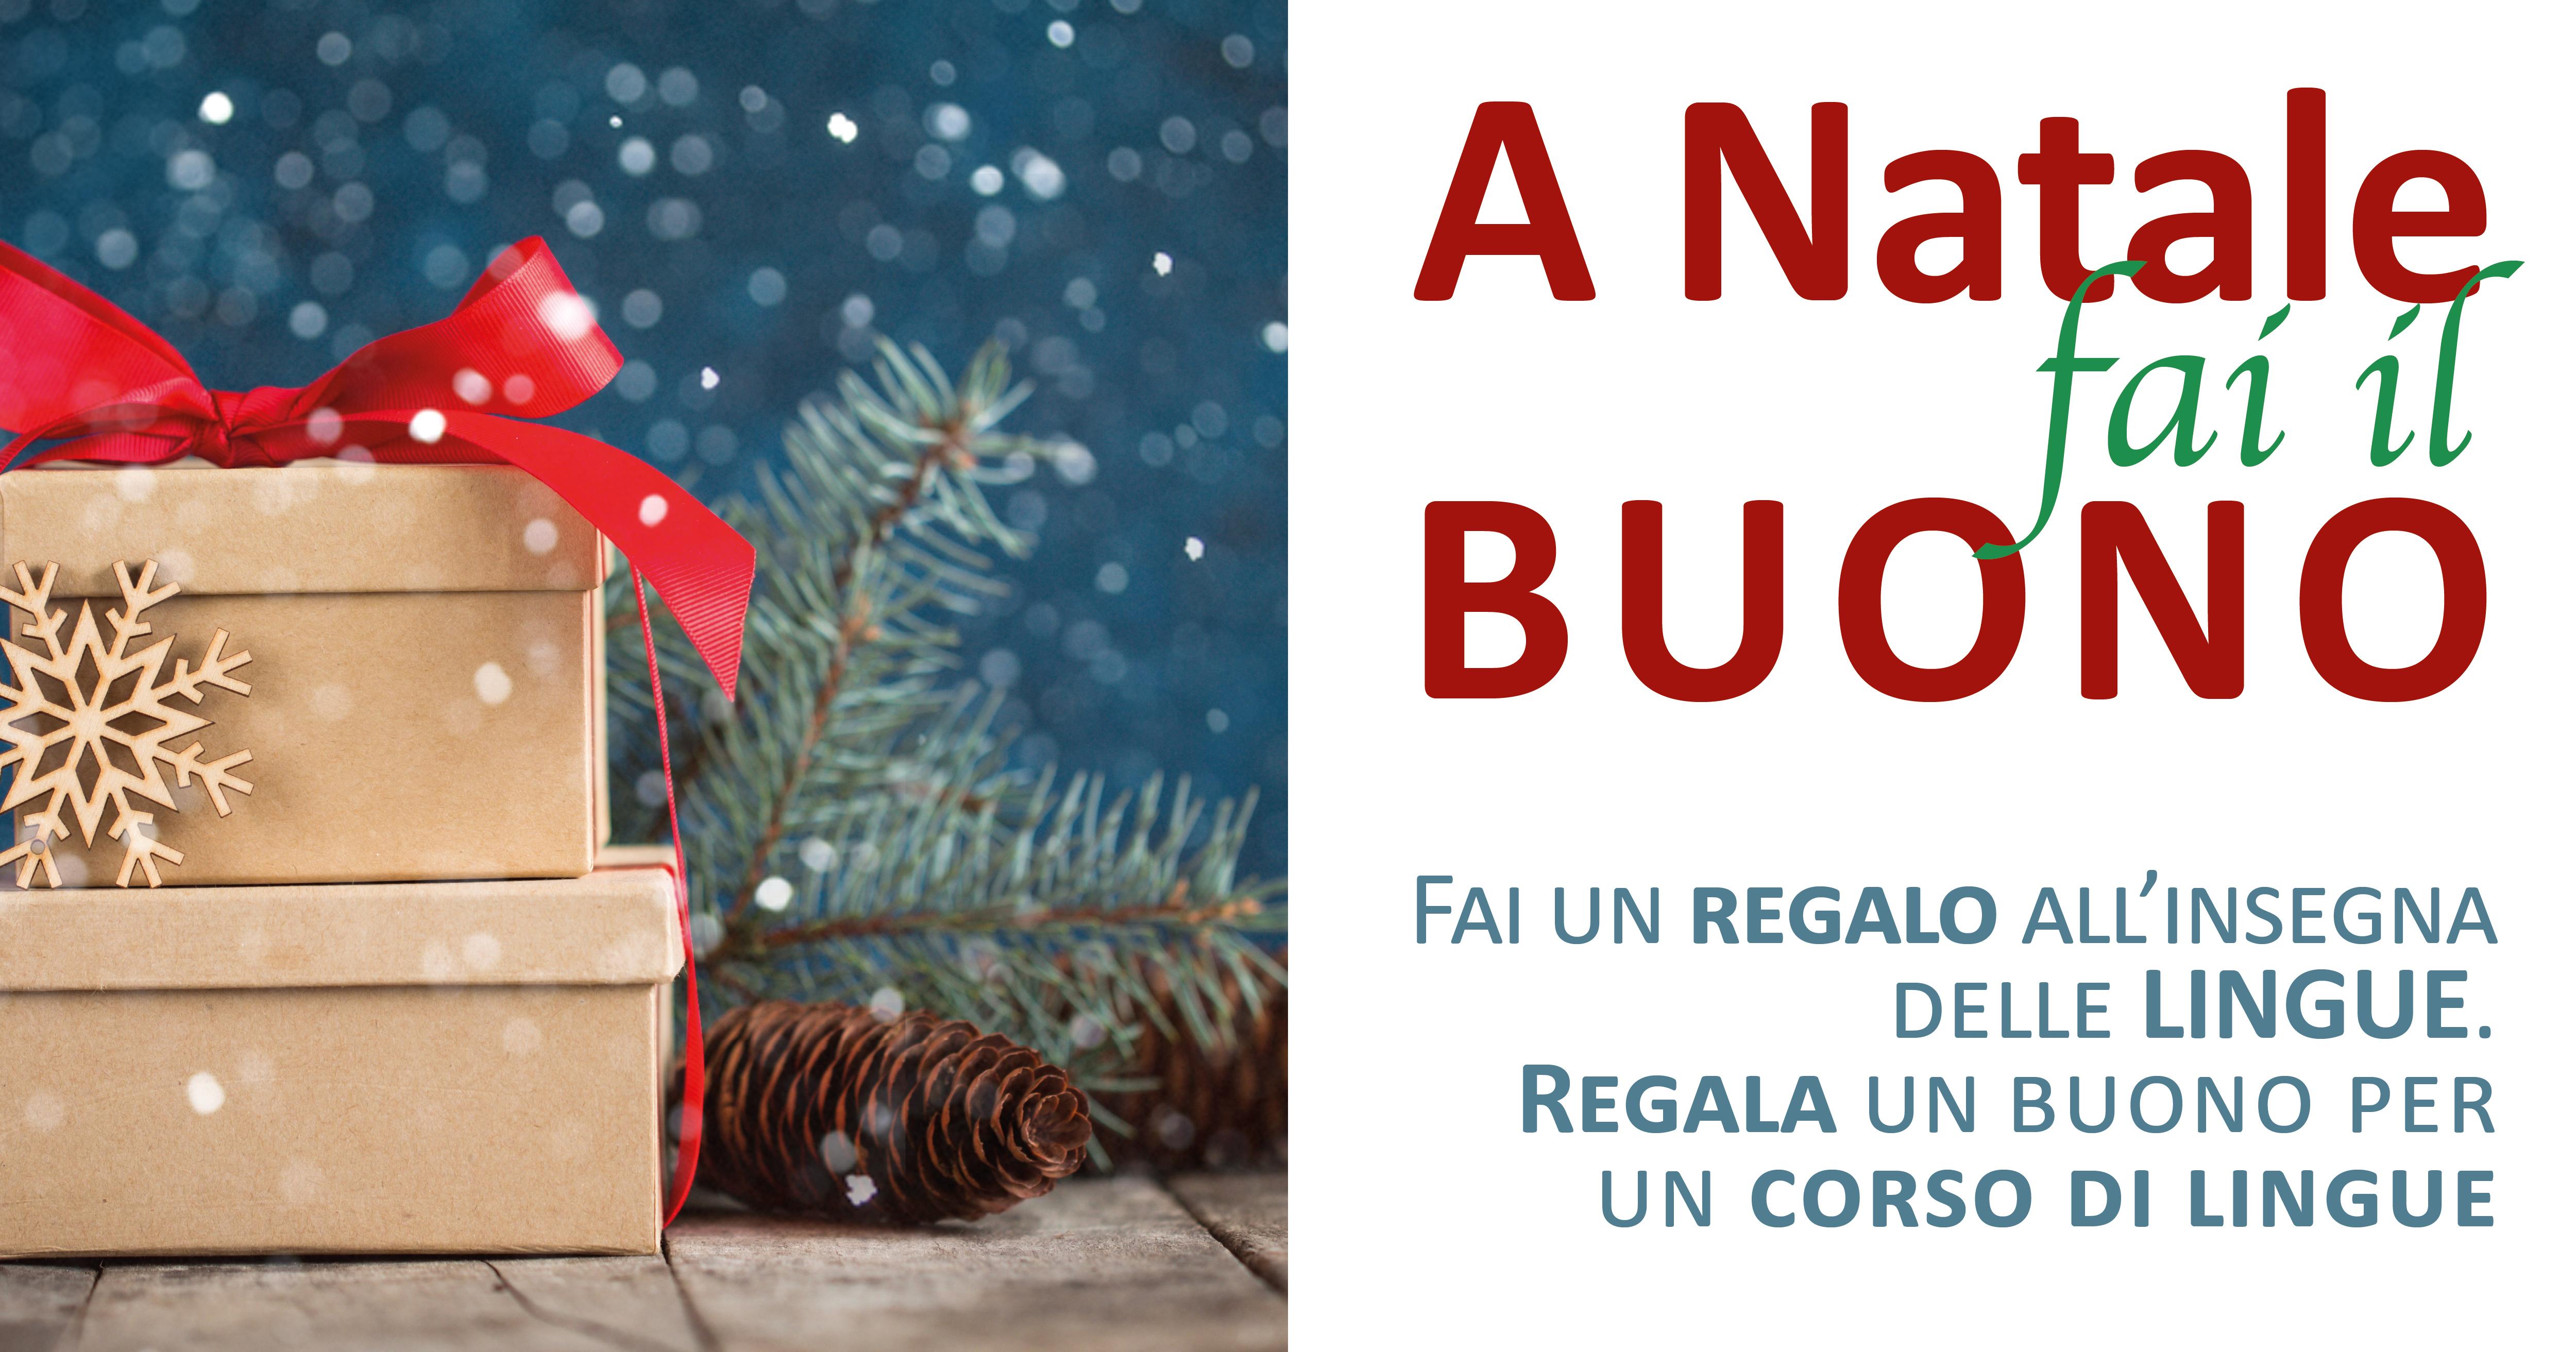 comunicazione FB_eventi+newsL_BuonoRegalo